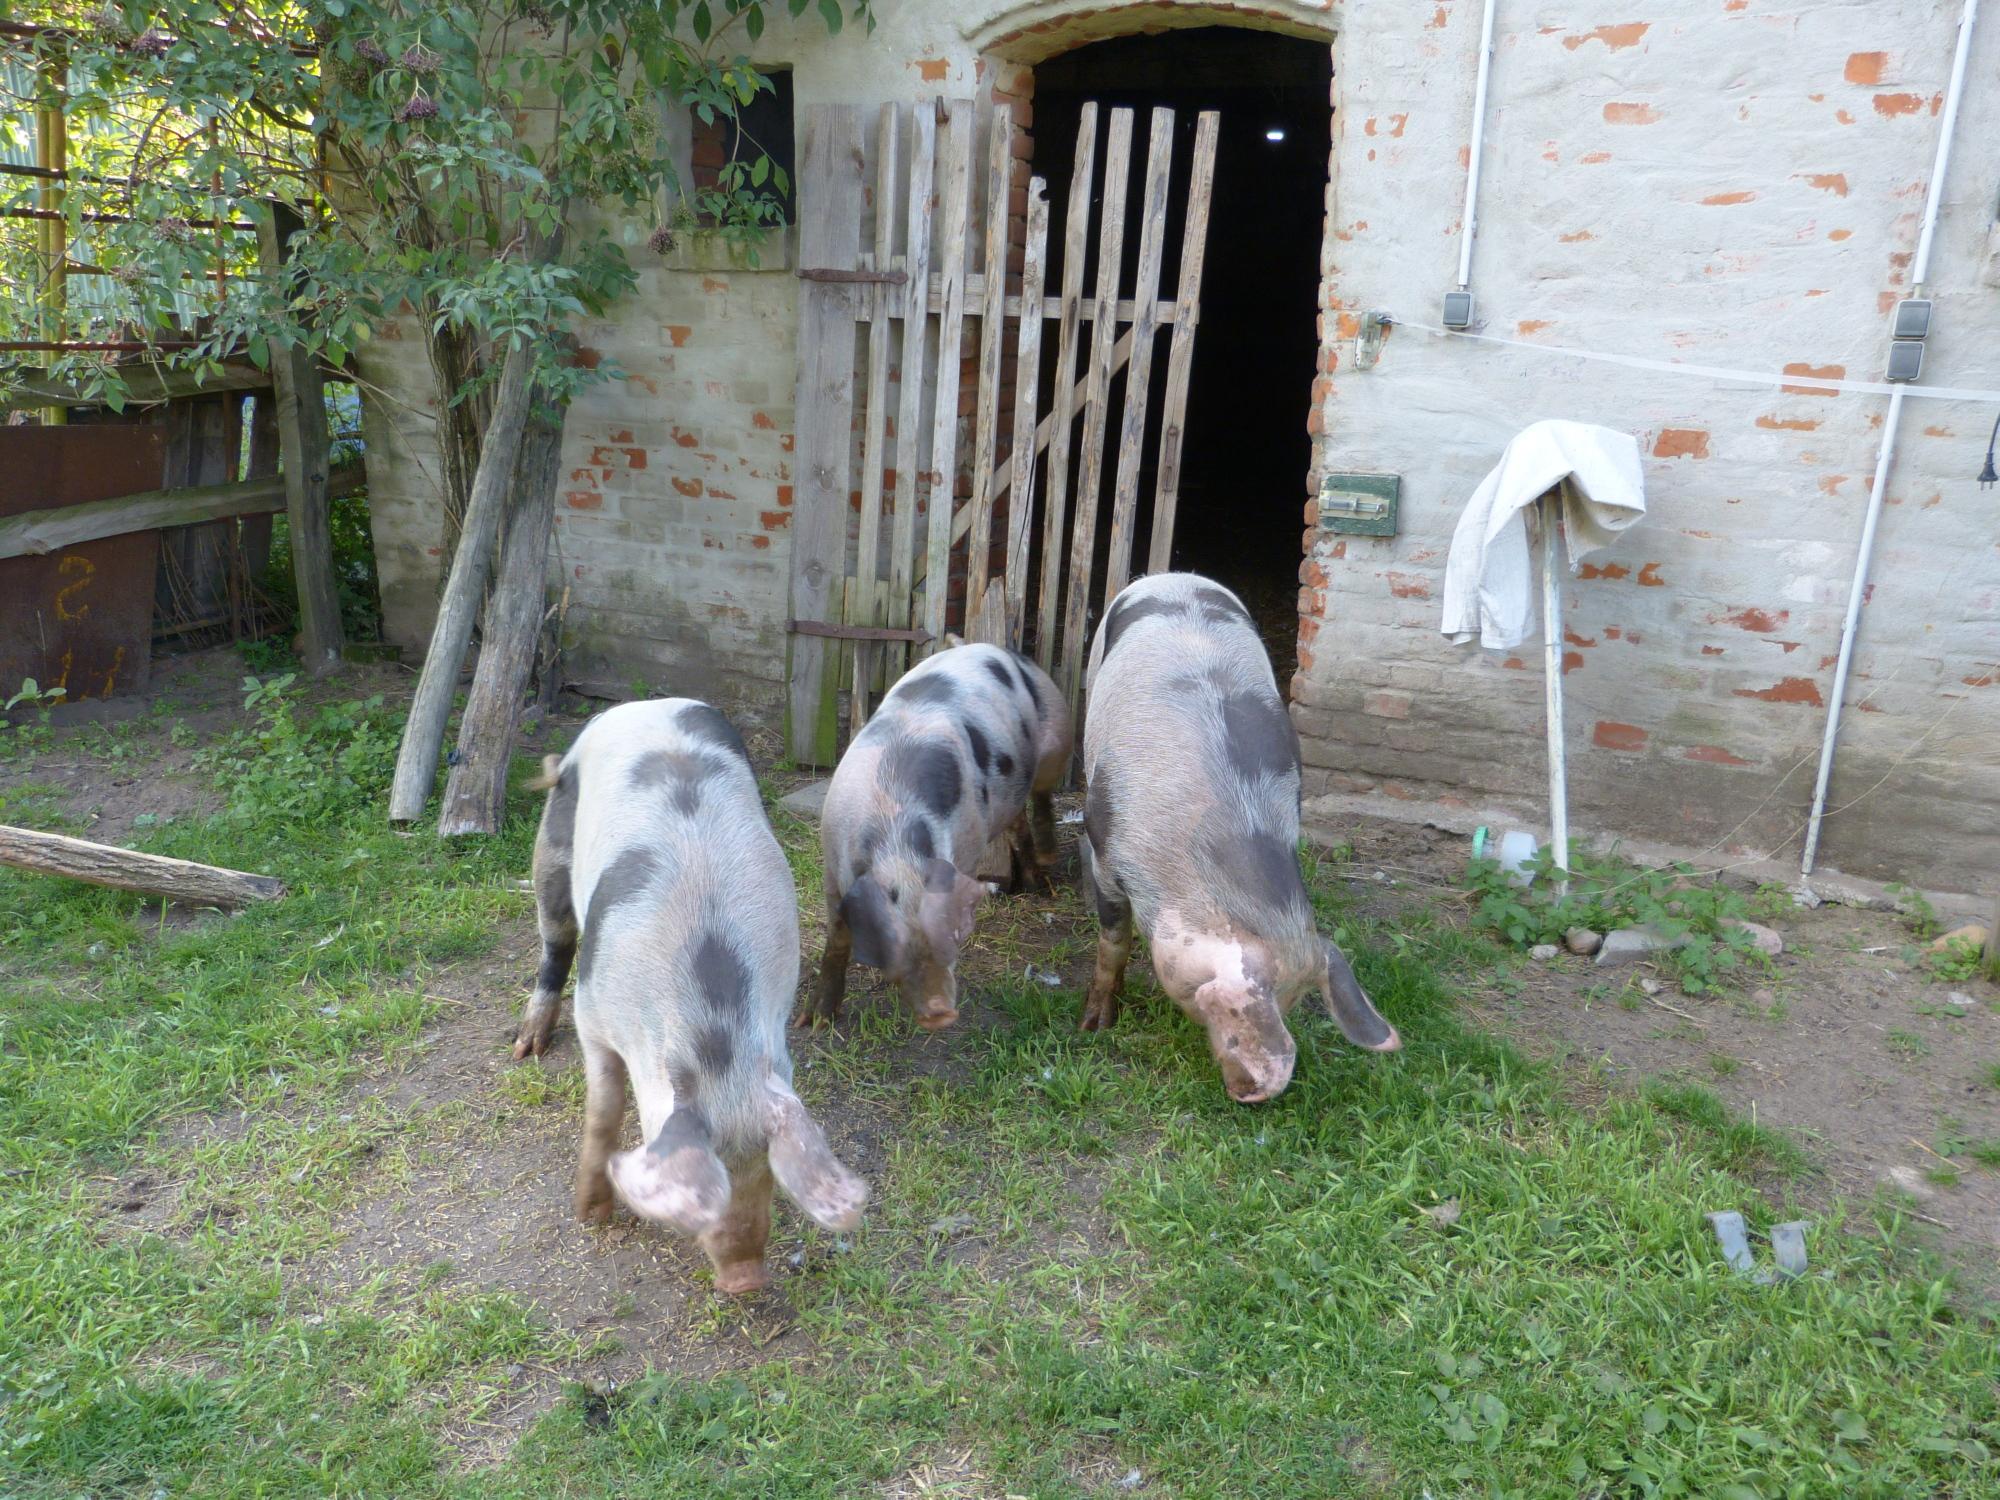 Die Bunten Bentheimer suchen nach den leckeren Maiskörnern